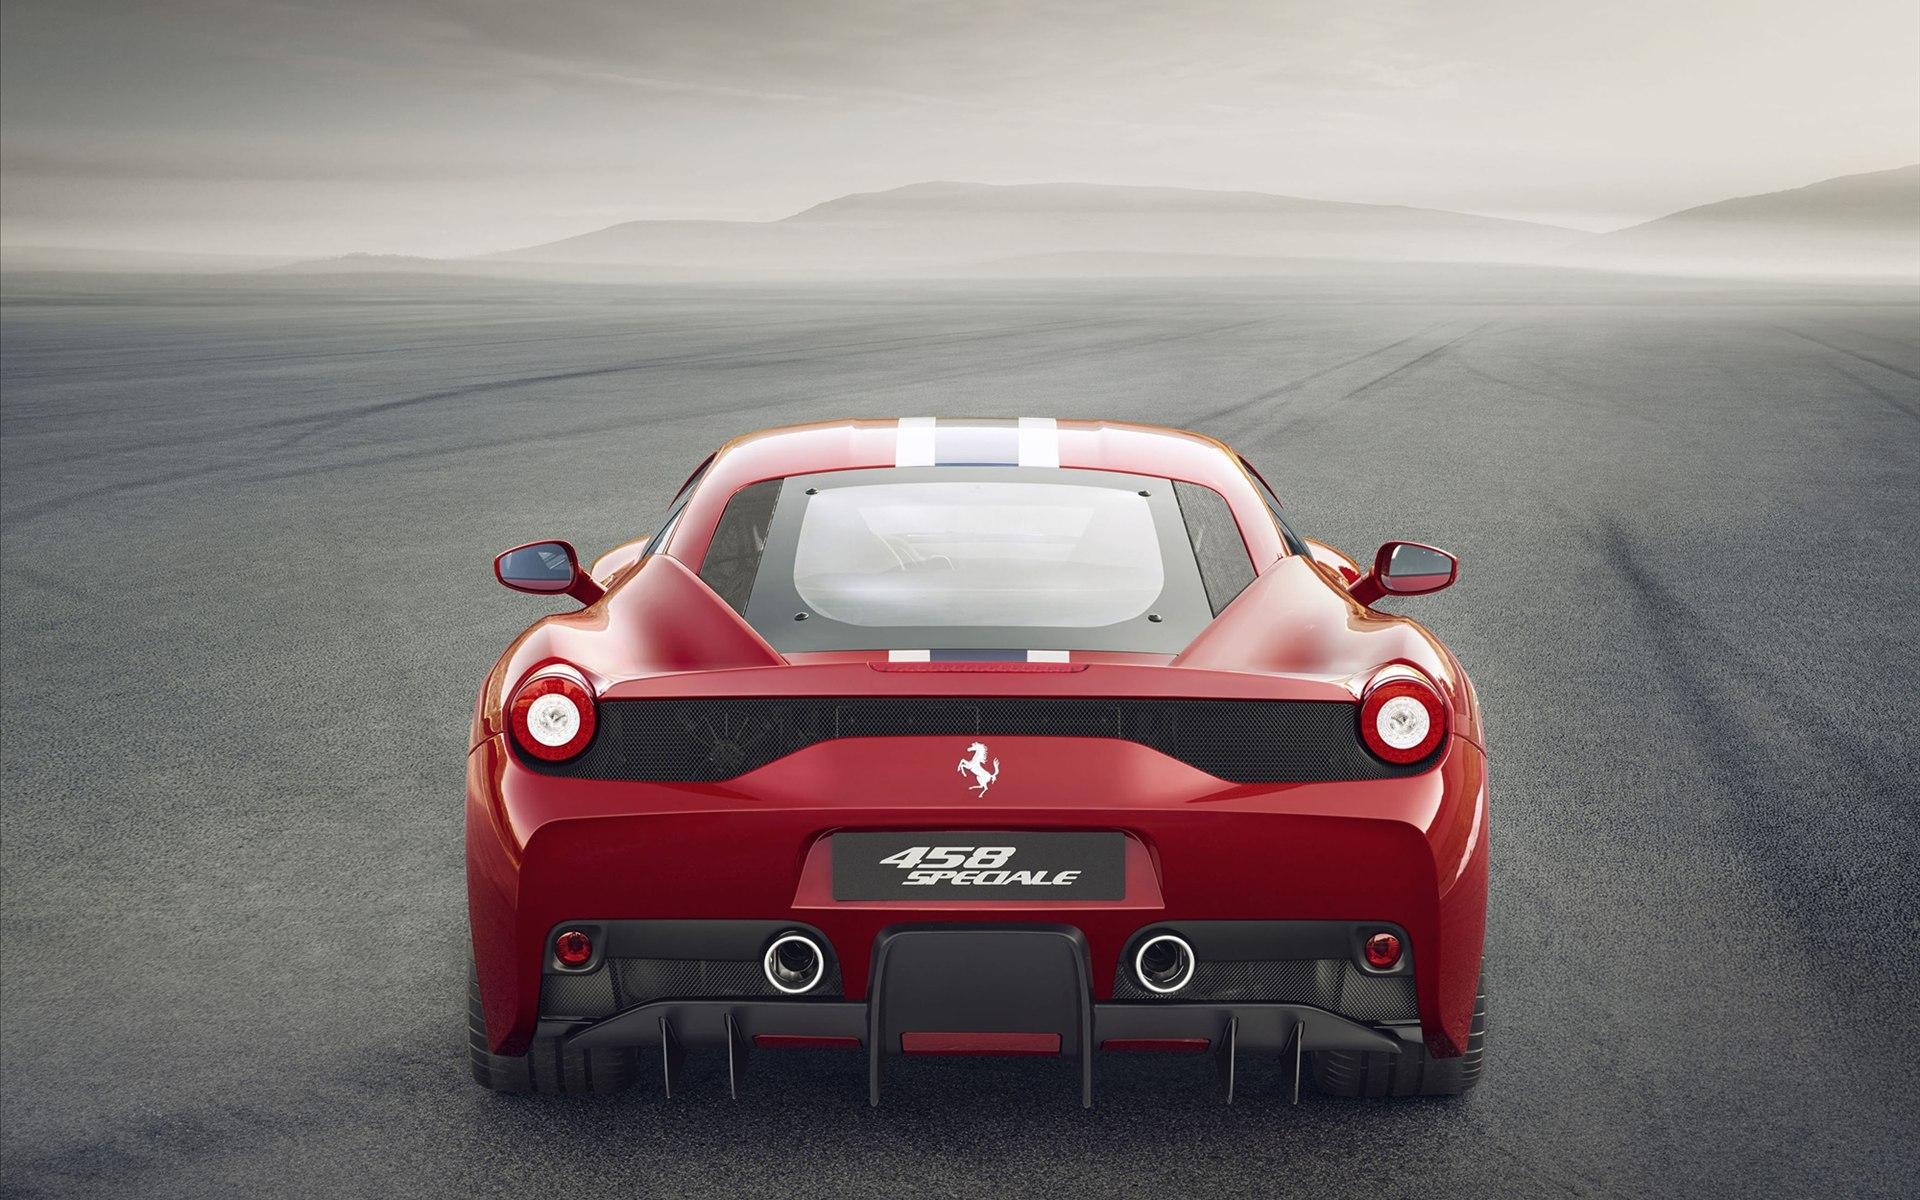 ferrari 法拉利 458 speciale 2014壁纸win7壁纸 精美壁纸 高清图片